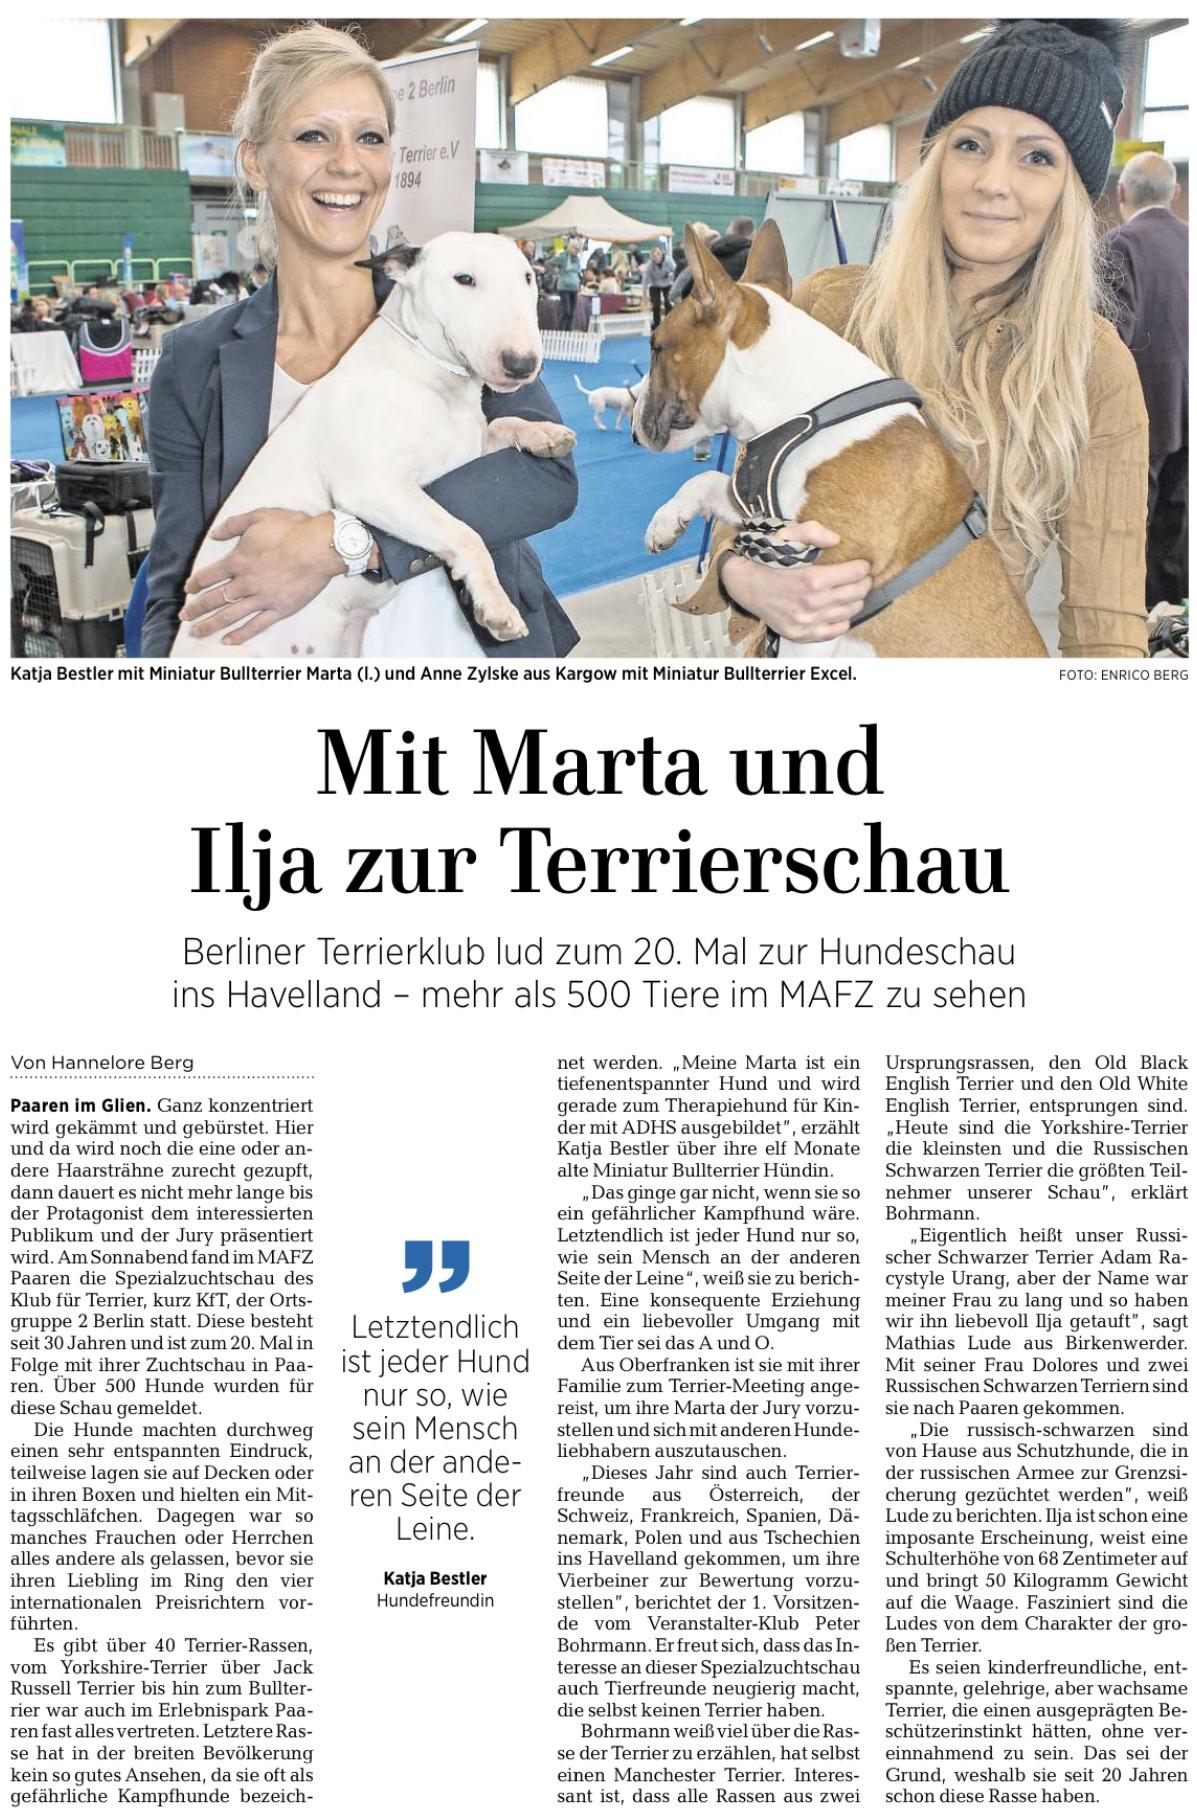 Zum Verhältnis von Mensch und Tier - Theologisch-ethische Grundlegung, Hans schlimmsten Fall schließen sich dabei so-.